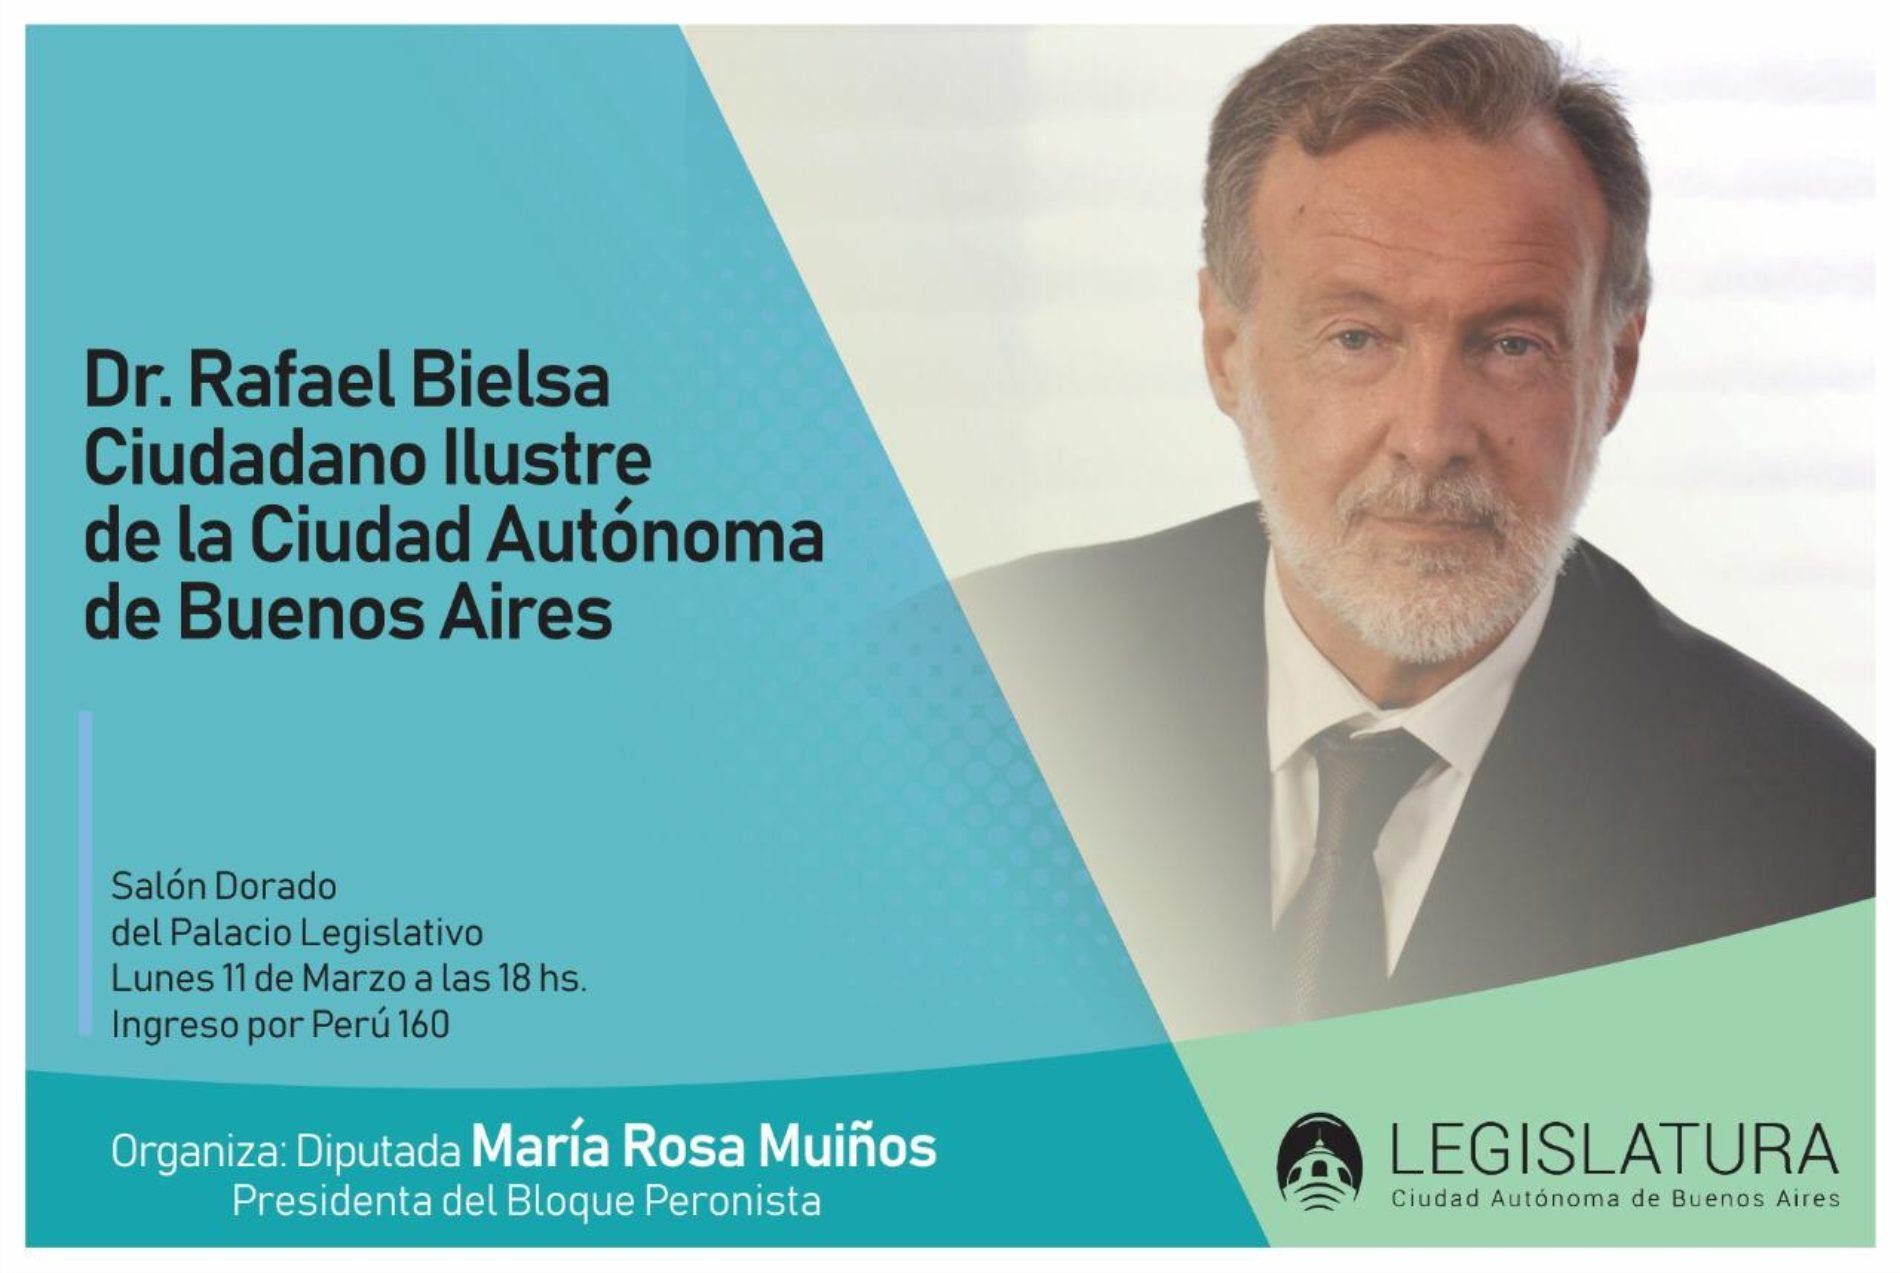 Dr. Rafael Bielsa. Ciudadano Ilustre de la Ciudad Autónoma de Buenos Aires.